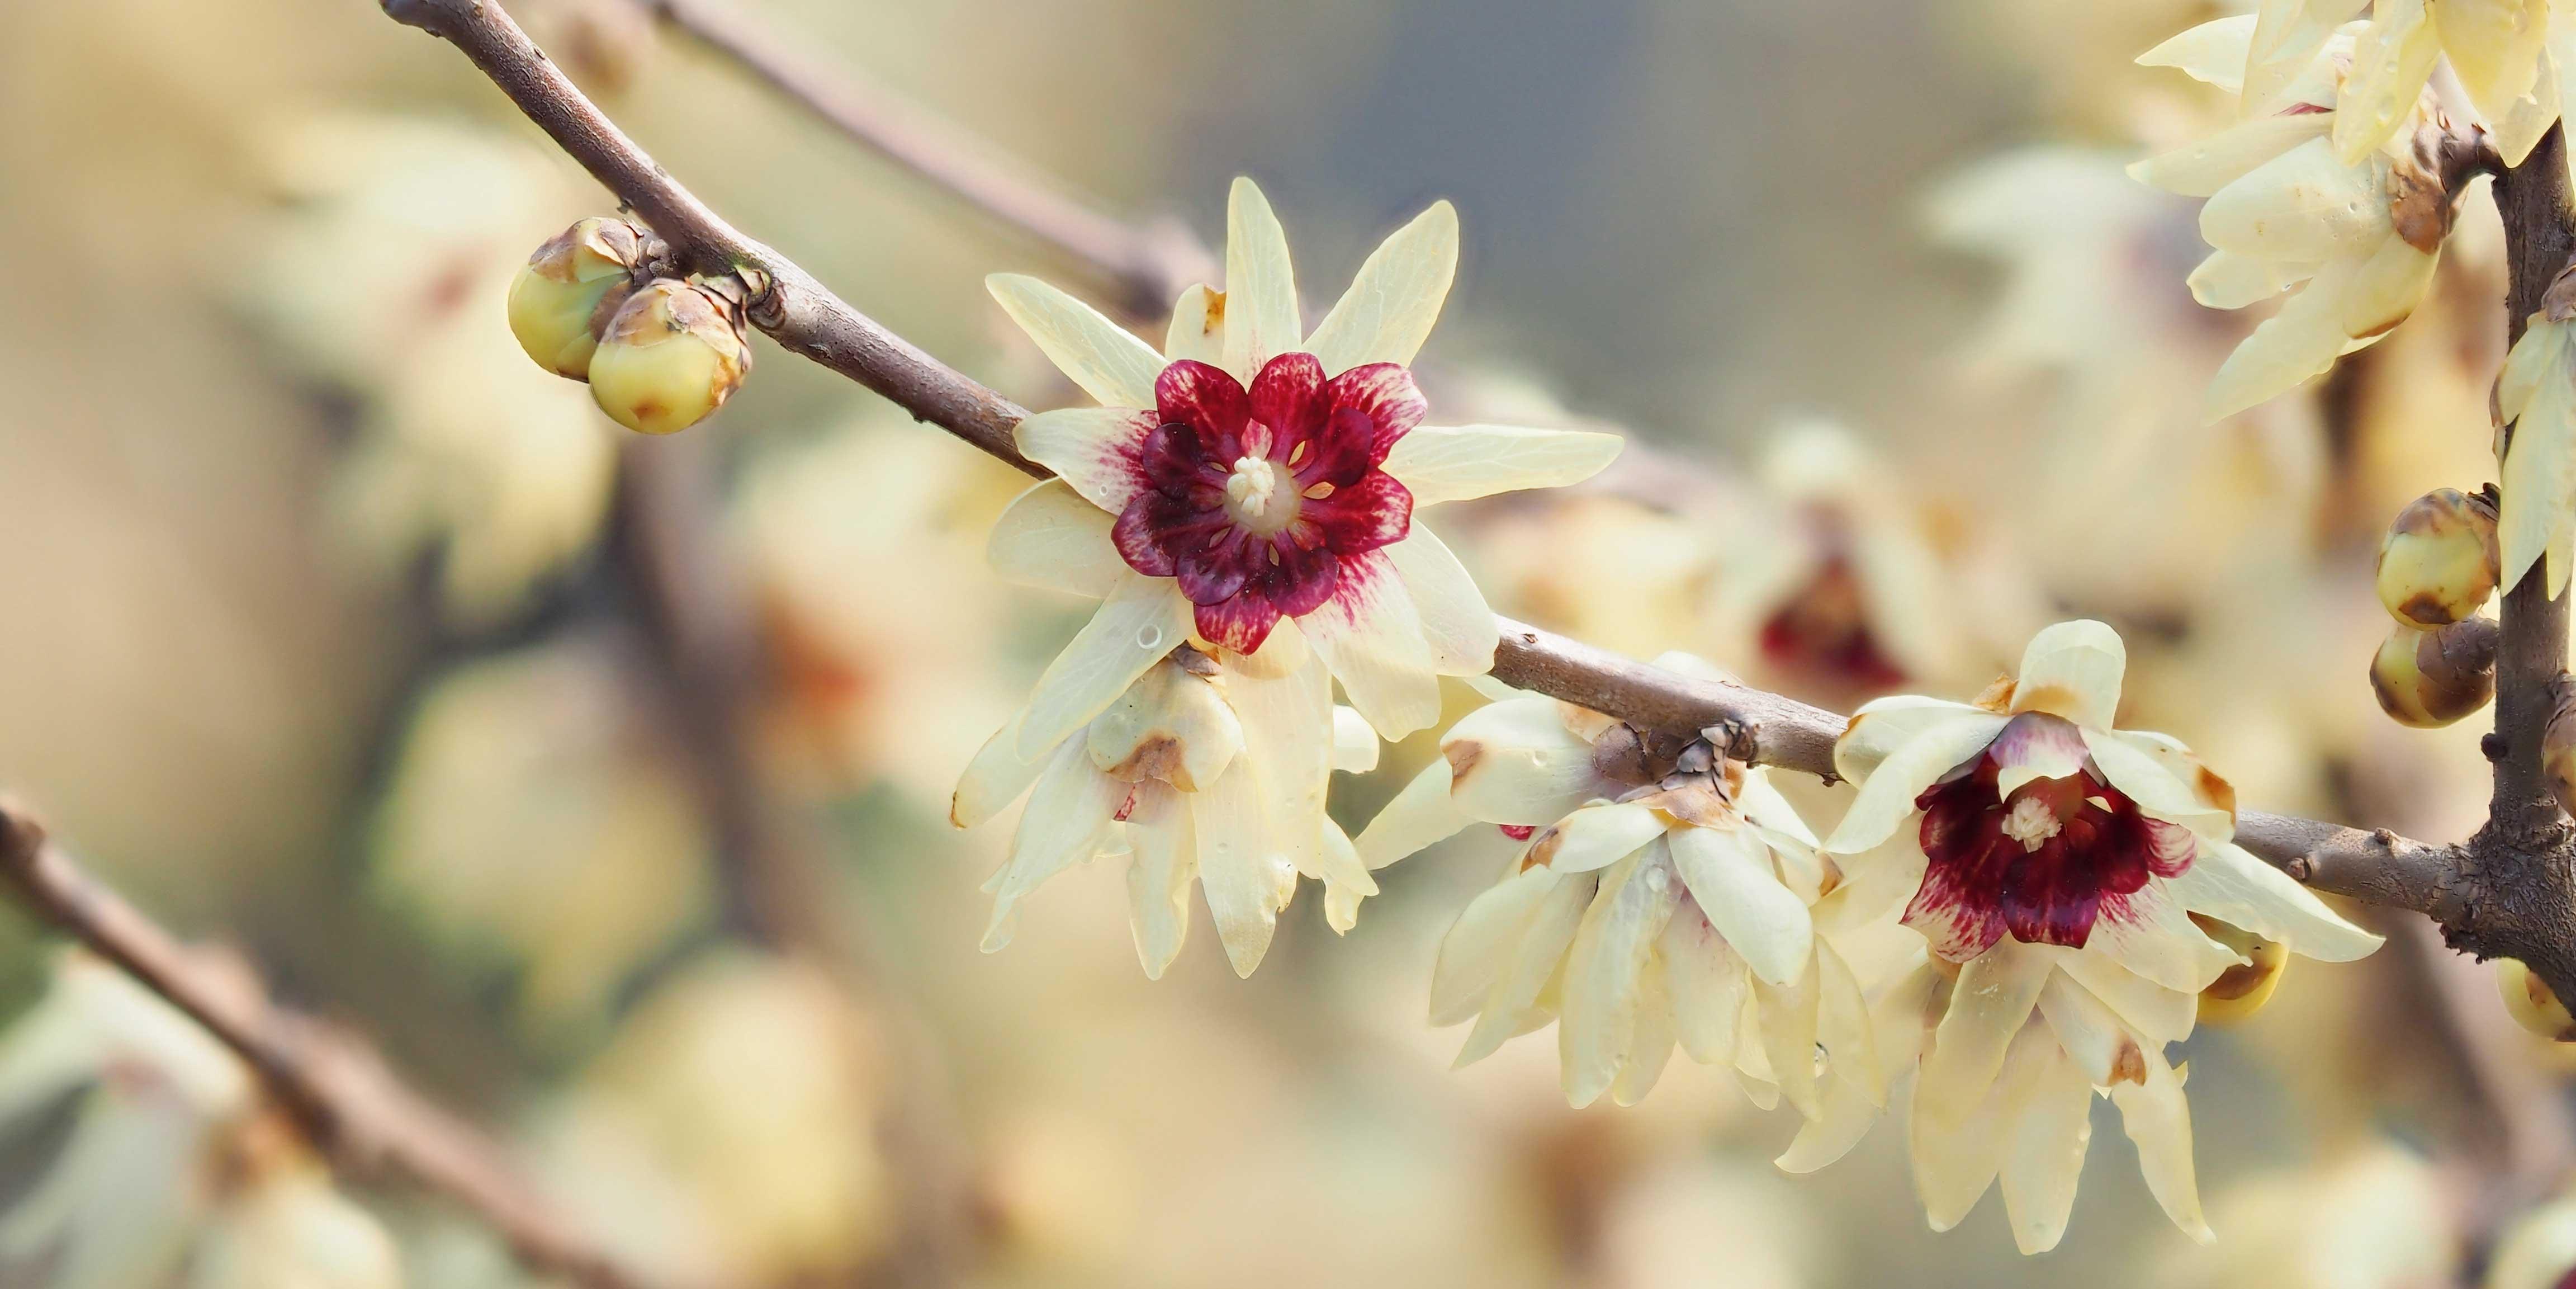 Calicanto Fiore D Inverno forsizia bianca, calicanto, amamelide: fioritura precoce